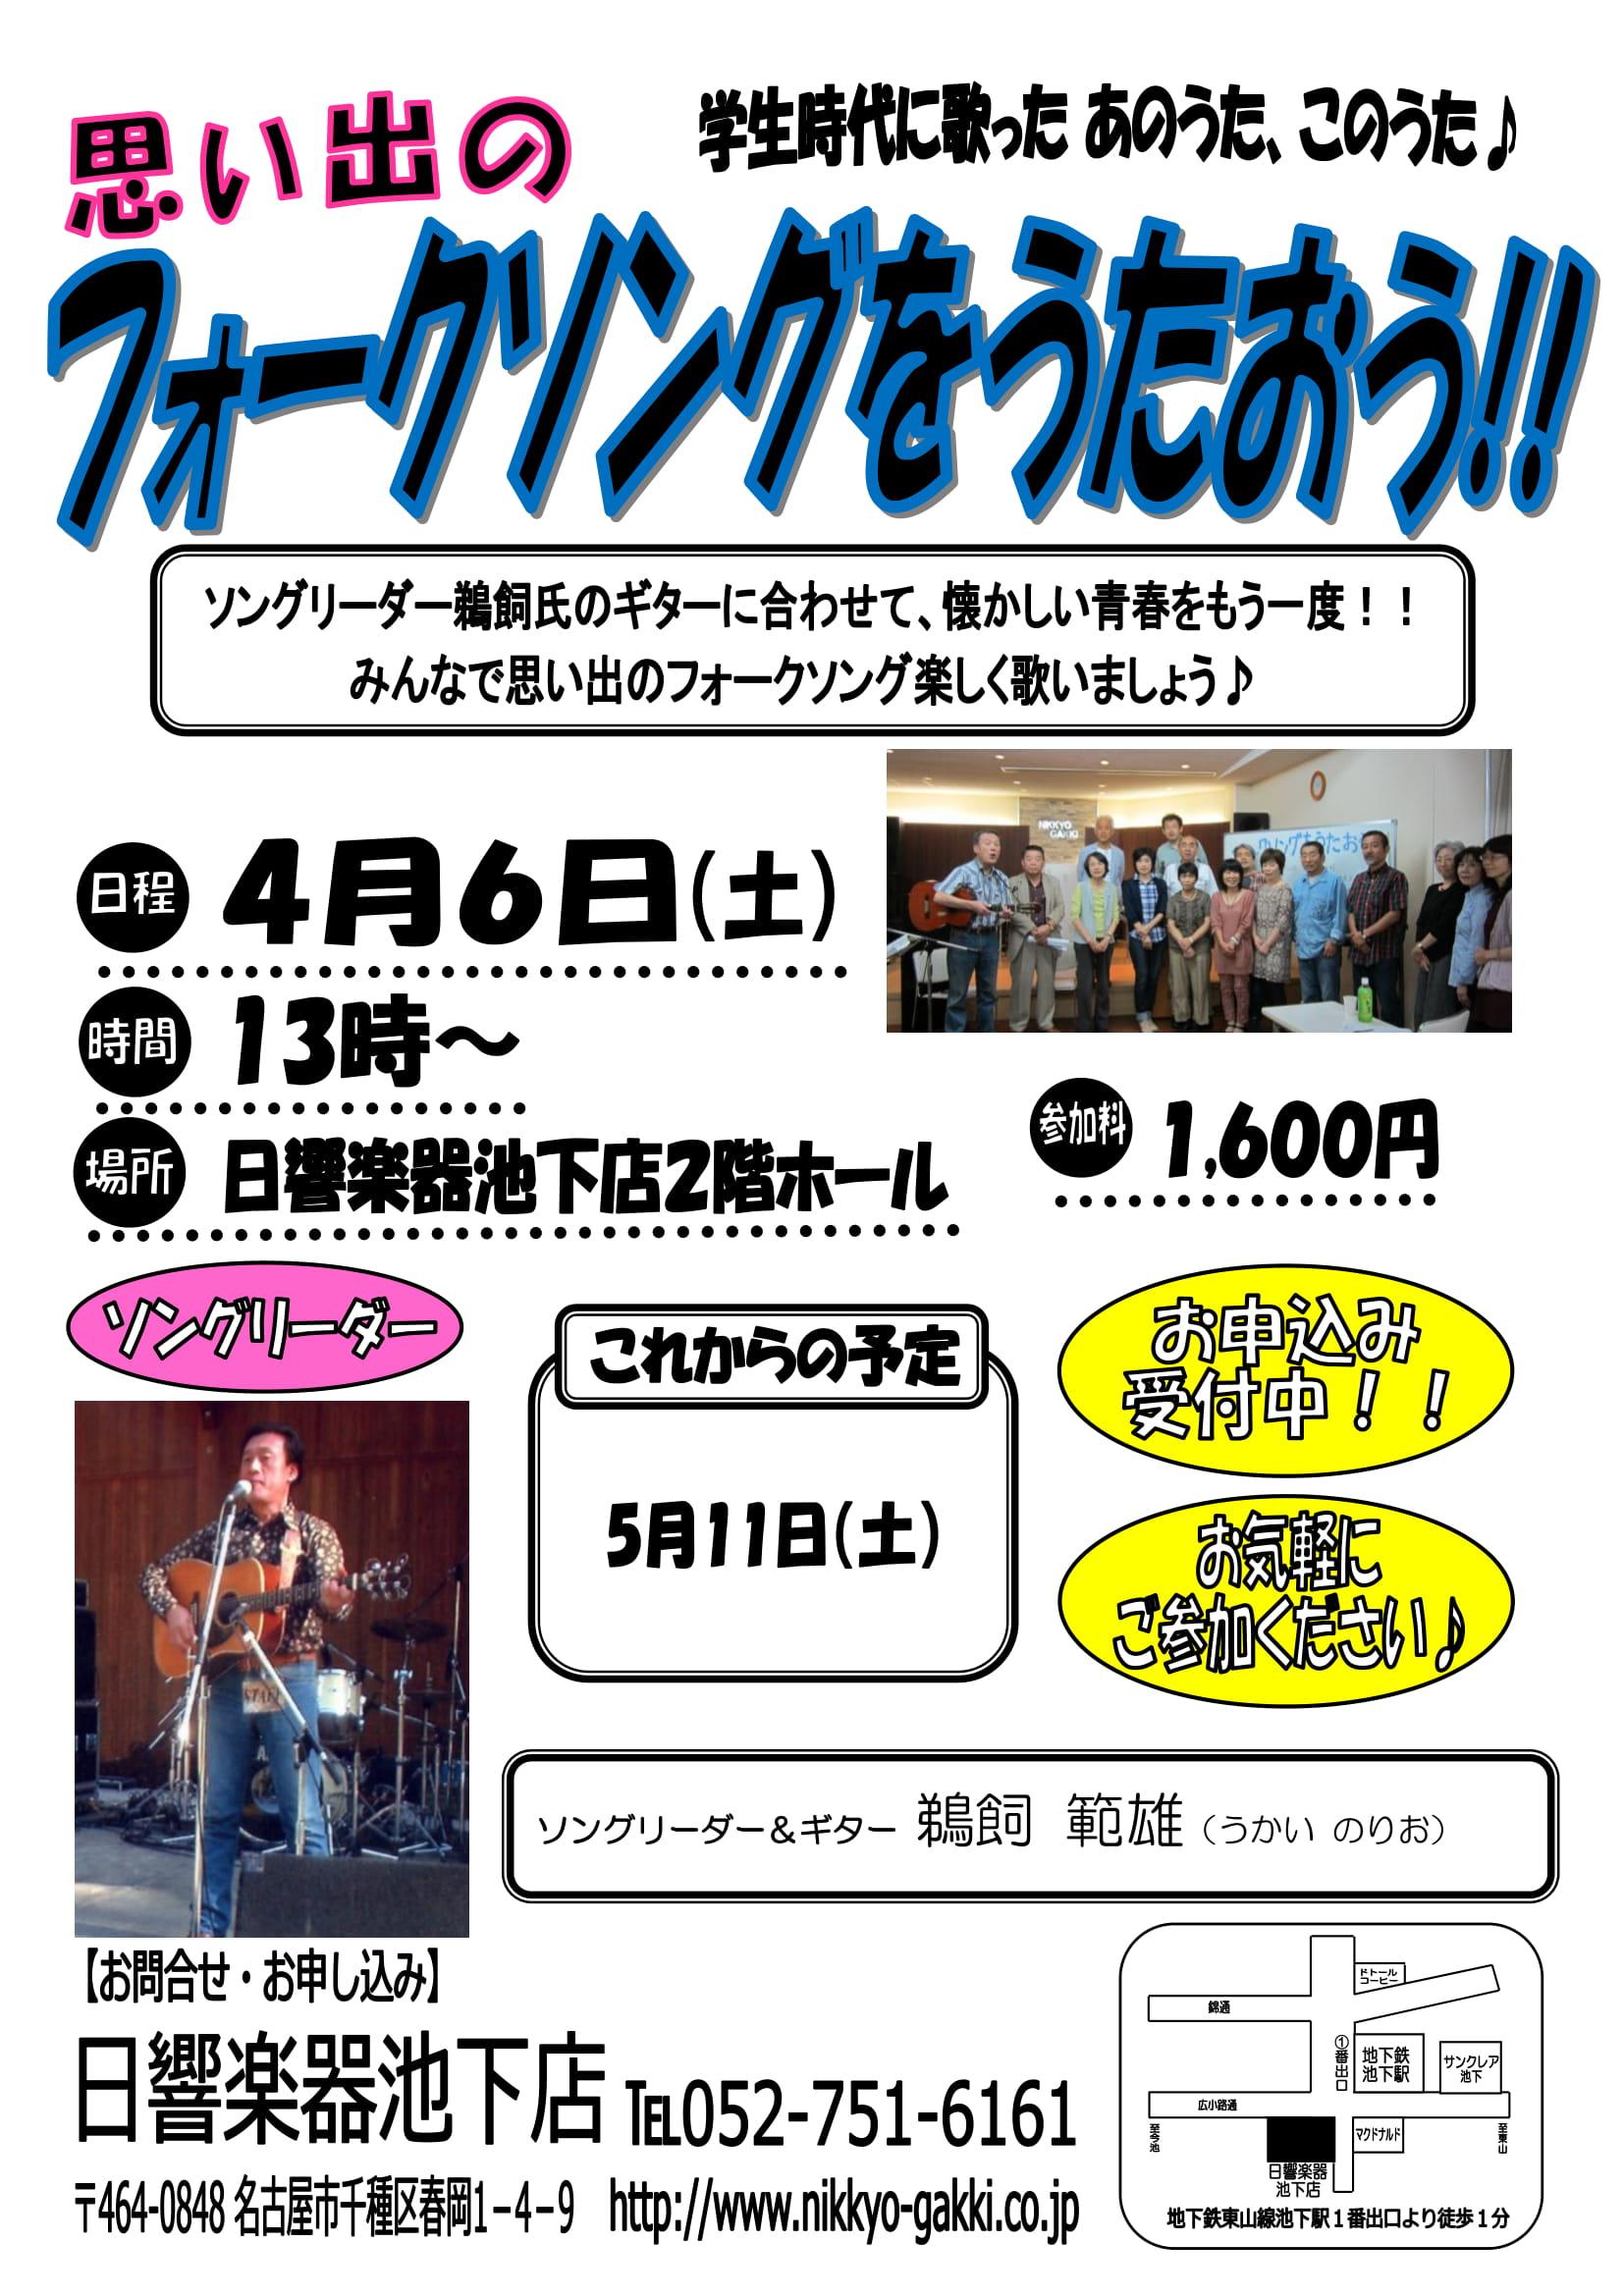 鵜飼さんフォークポスター-1